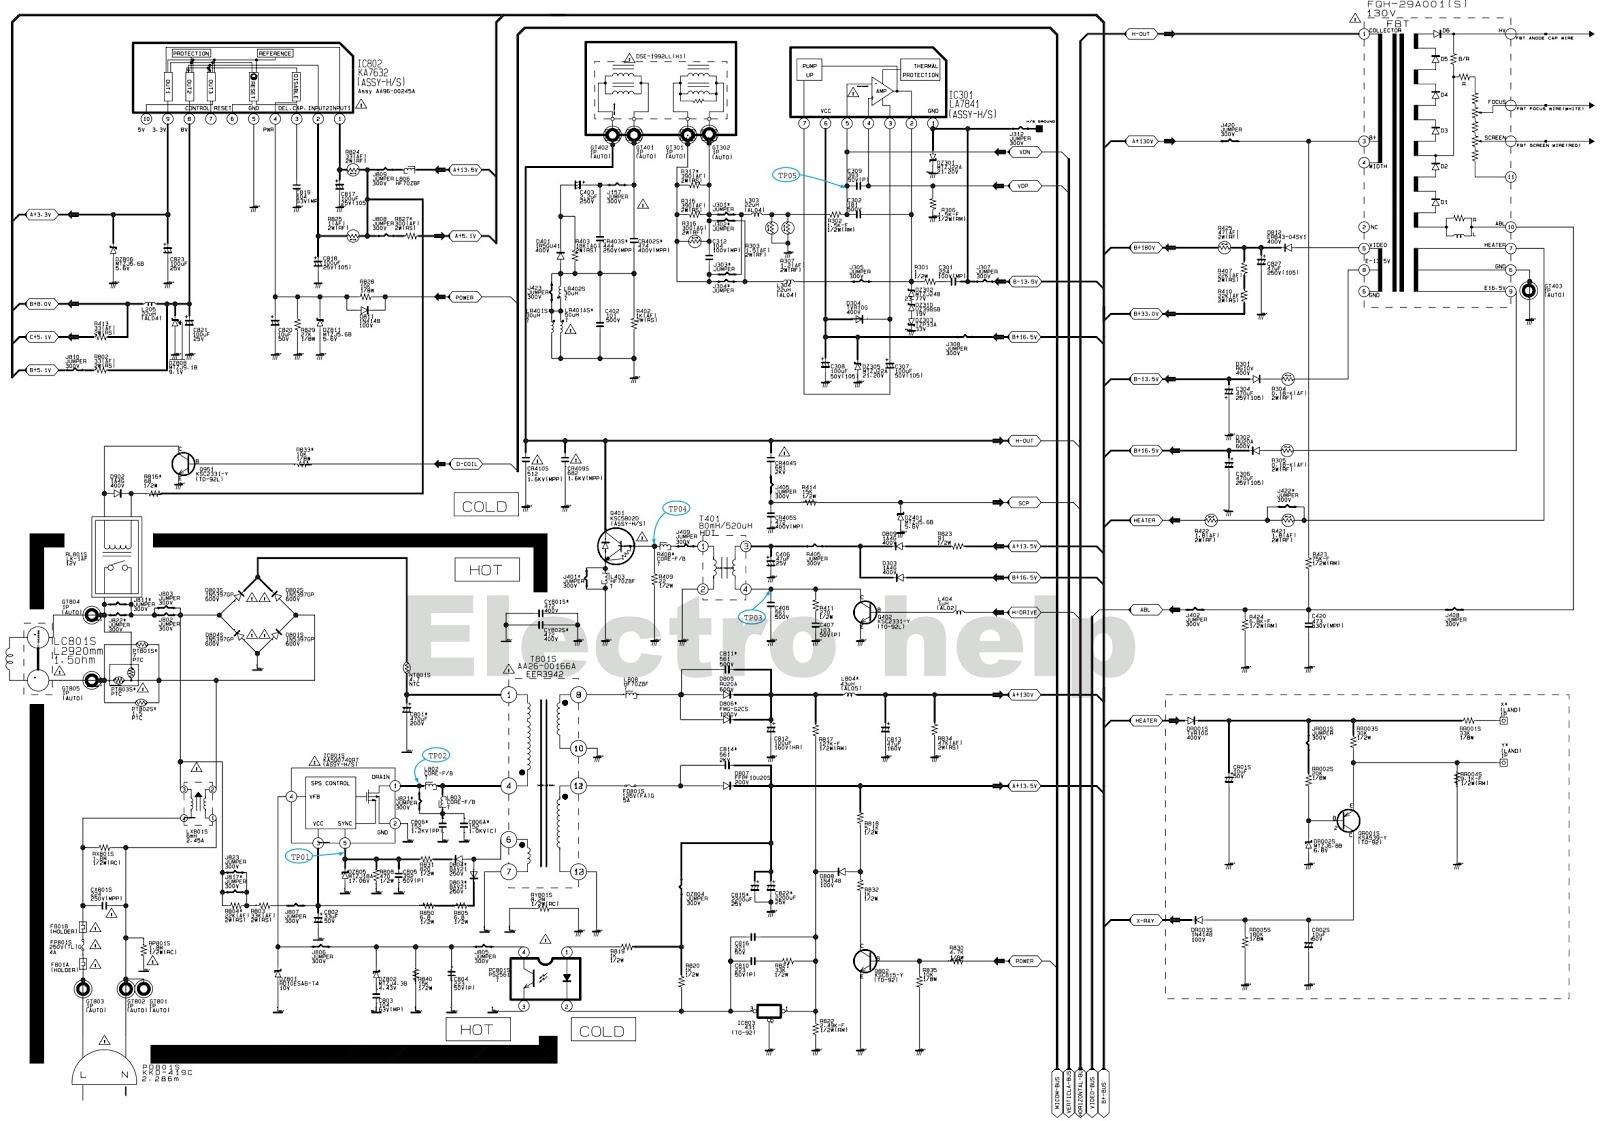 samsung remote diagram